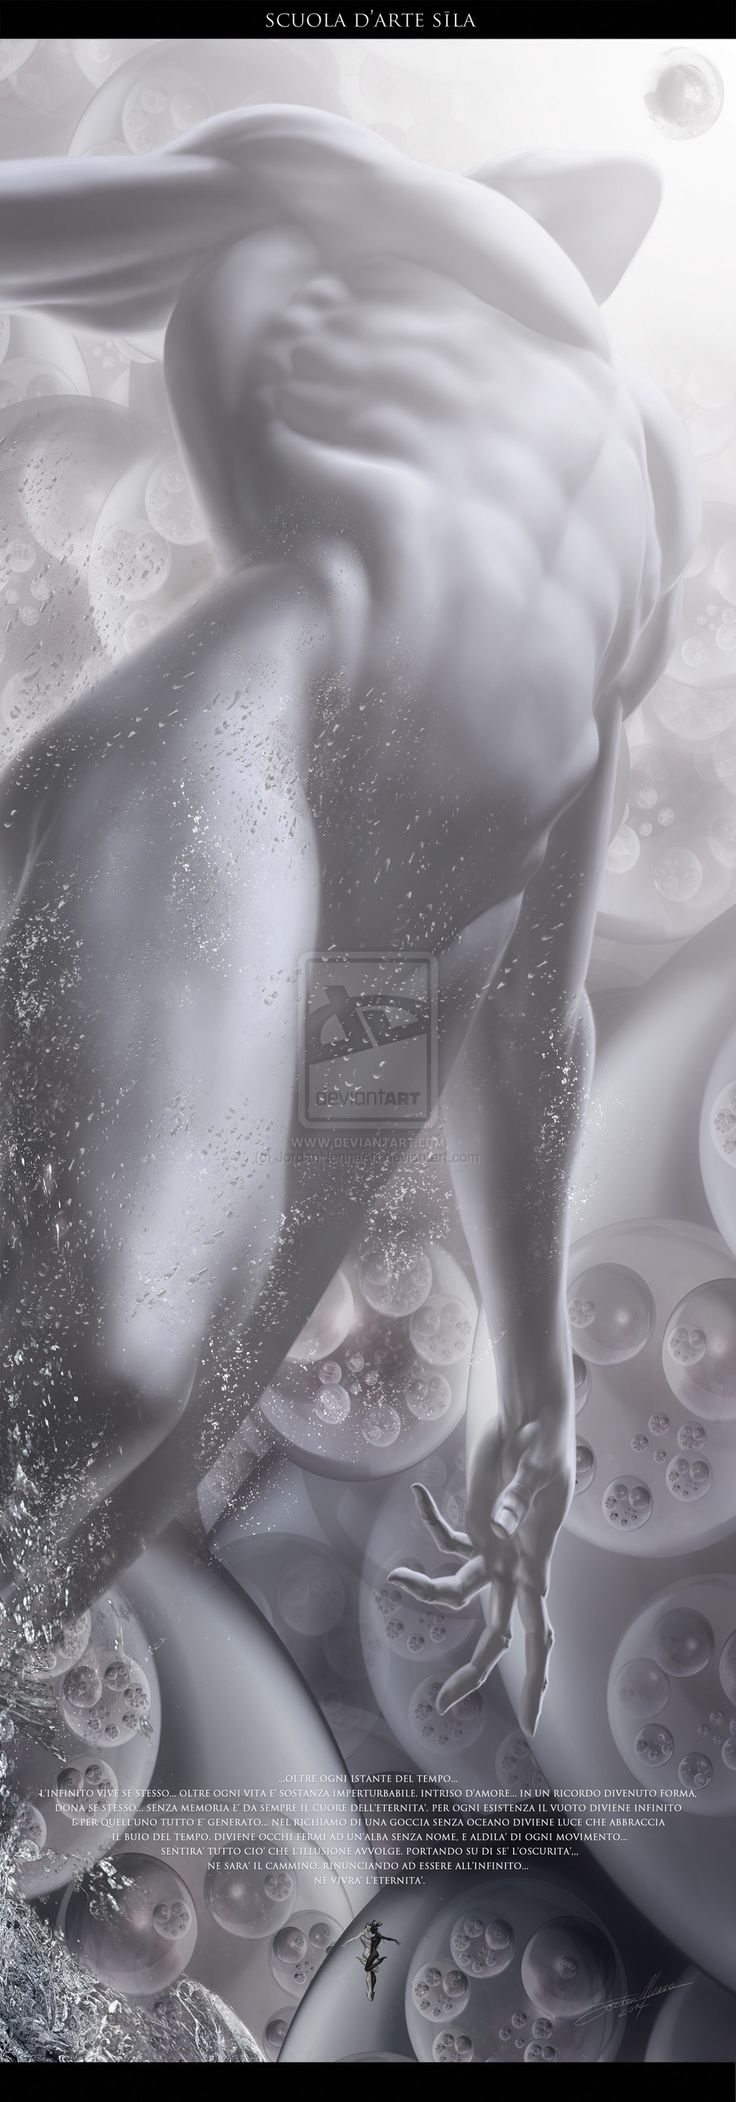 THE FUTURE IS NOW by JordanNennaArt.deviantart.com on @deviantART